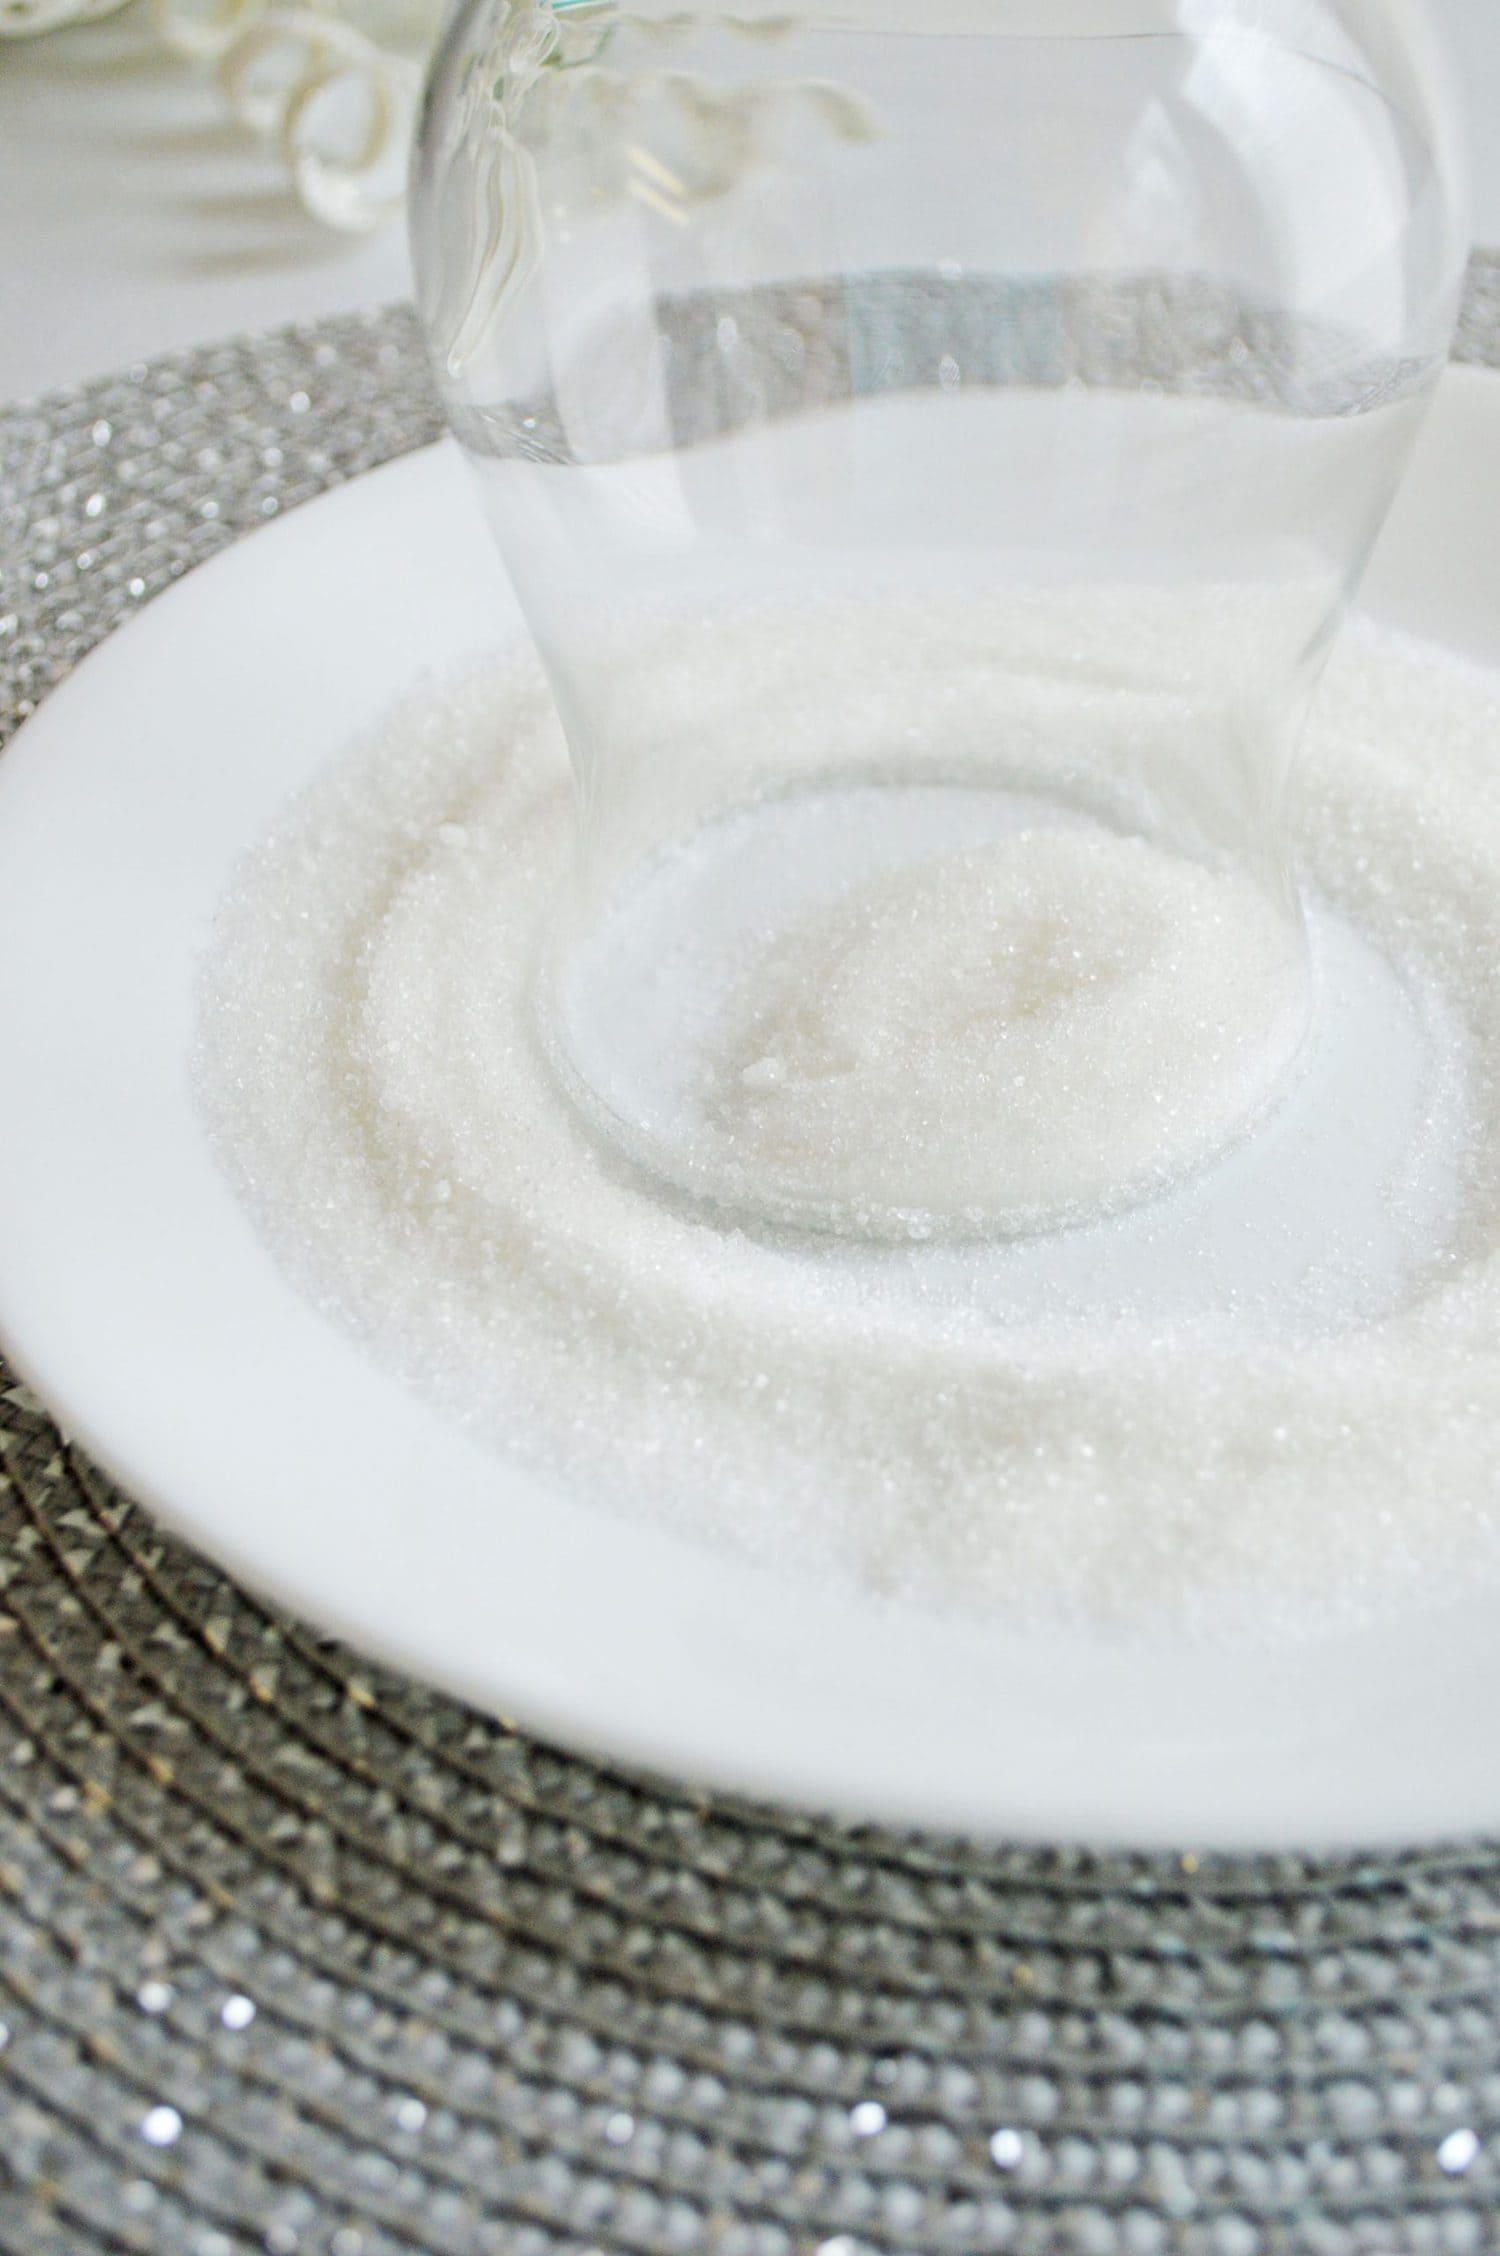 Dip rim in sugar